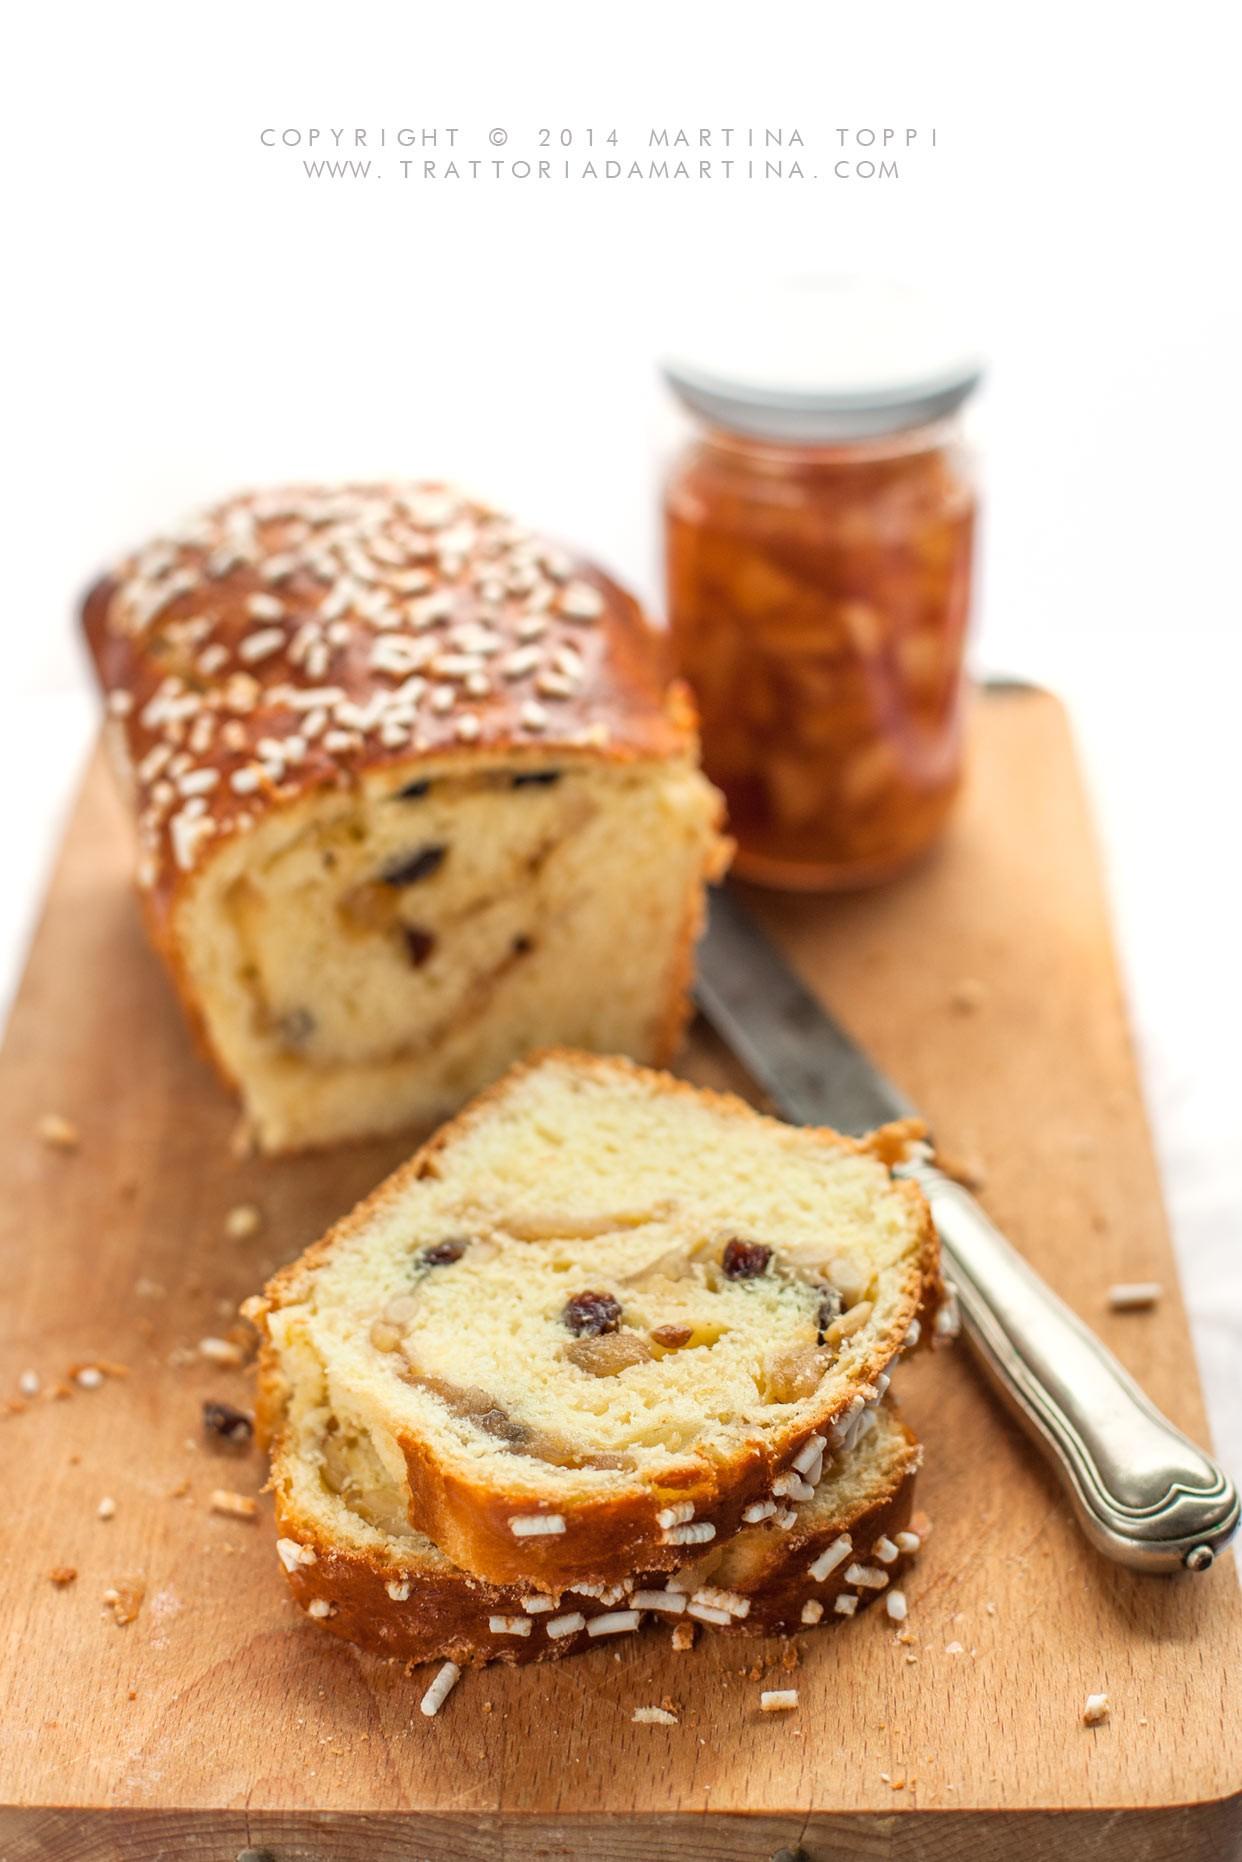 Pan brioche variegato alla confettura di mele